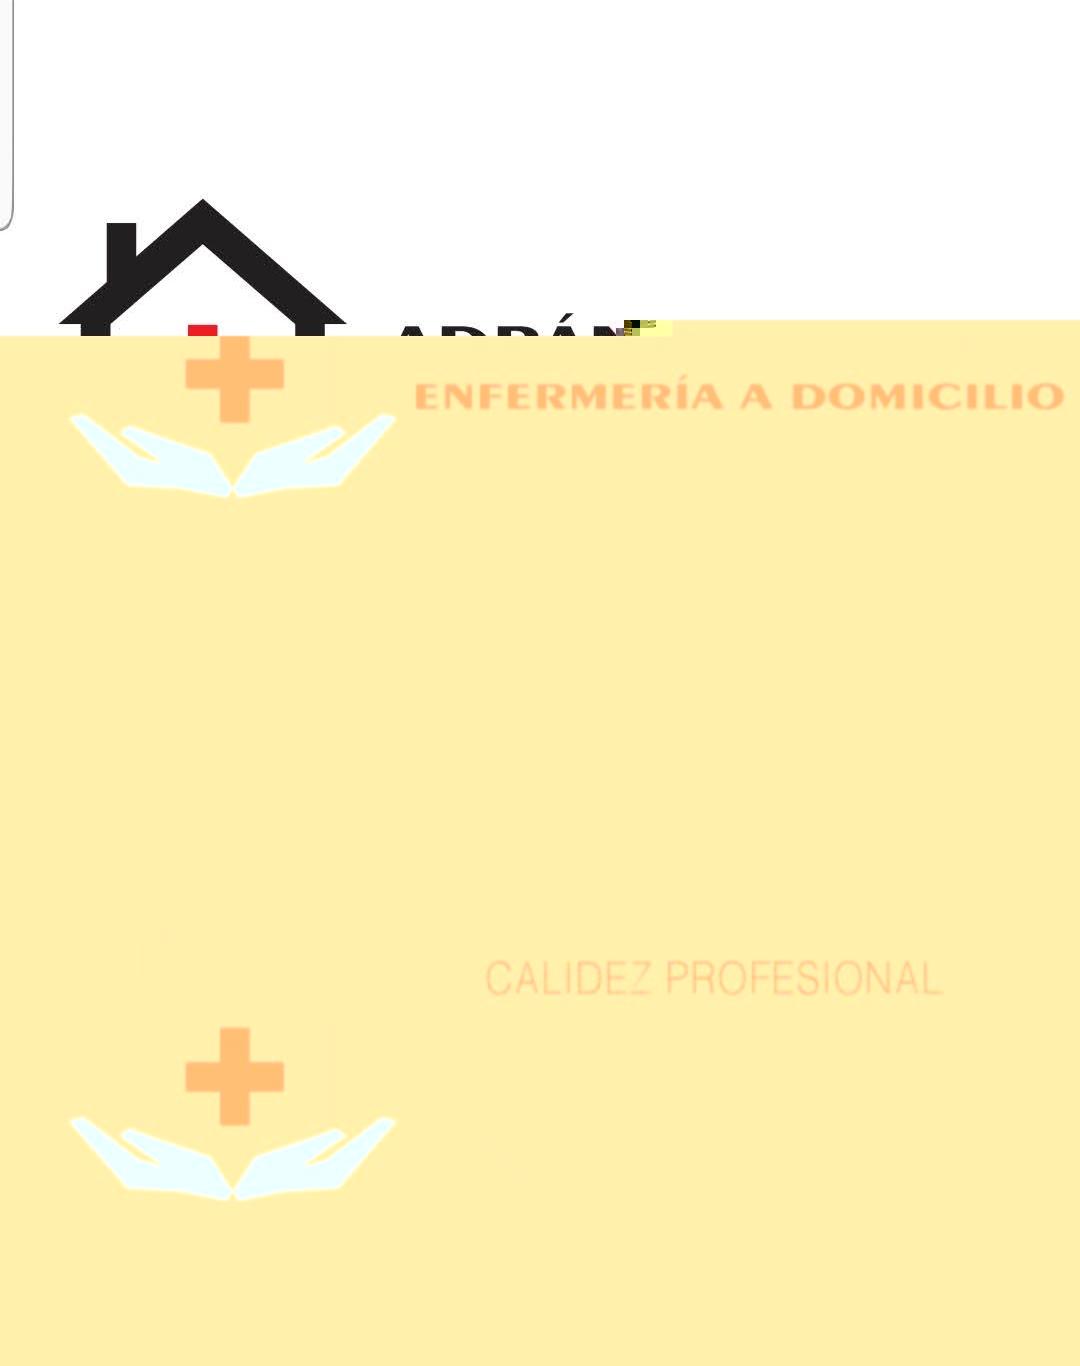 ADRÁN VALLEDOR ENFERMERÍA A DOMICILIO